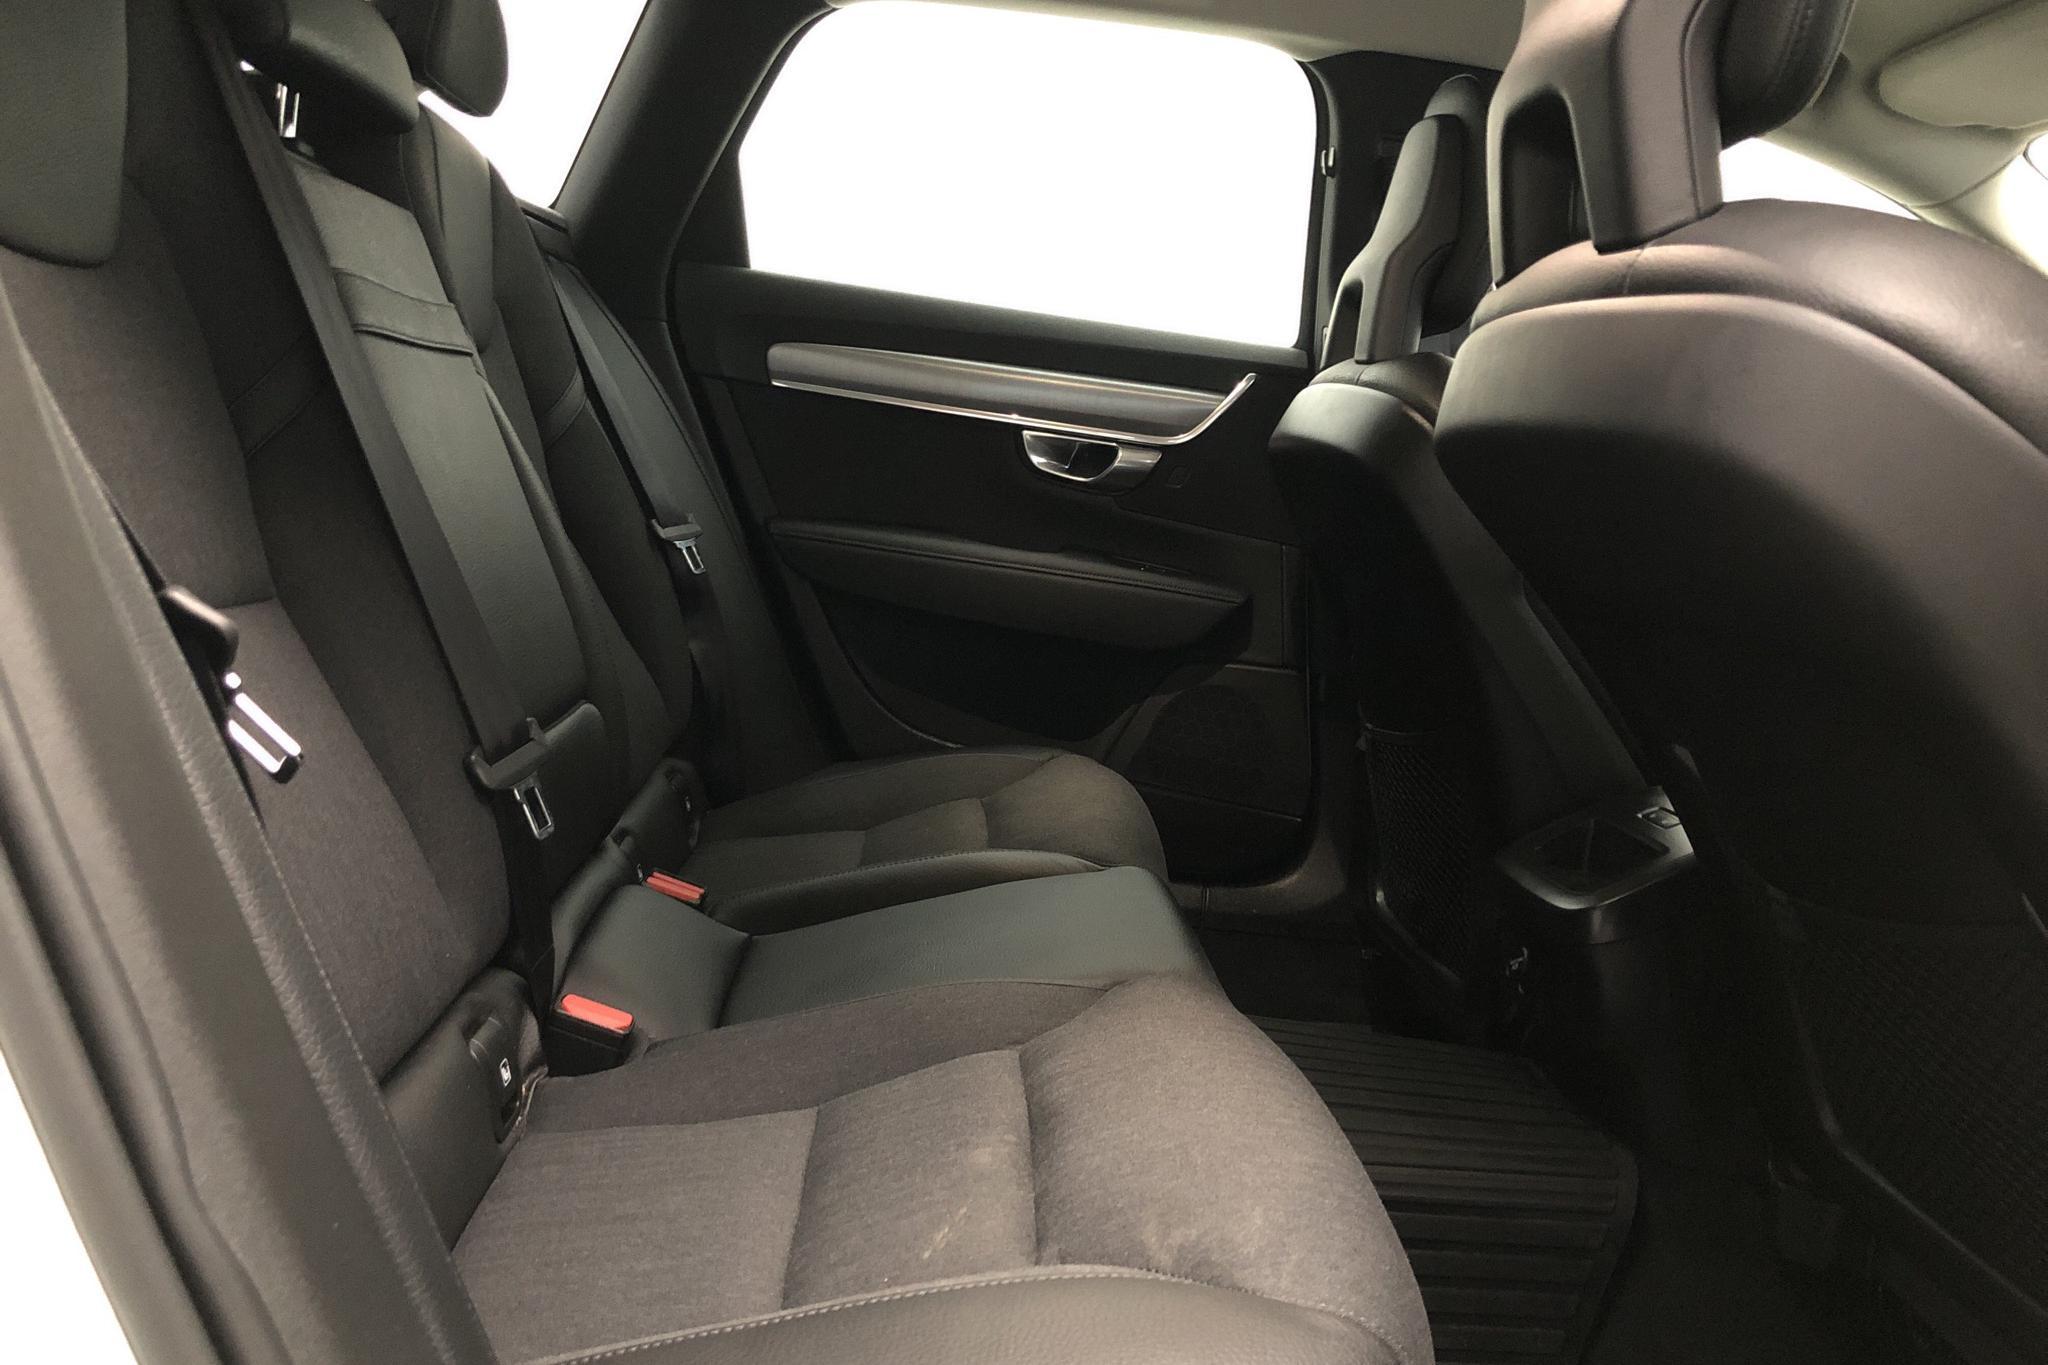 Volvo V90 D3 (150hk) - 97 280 km - Automatic - white - 2018